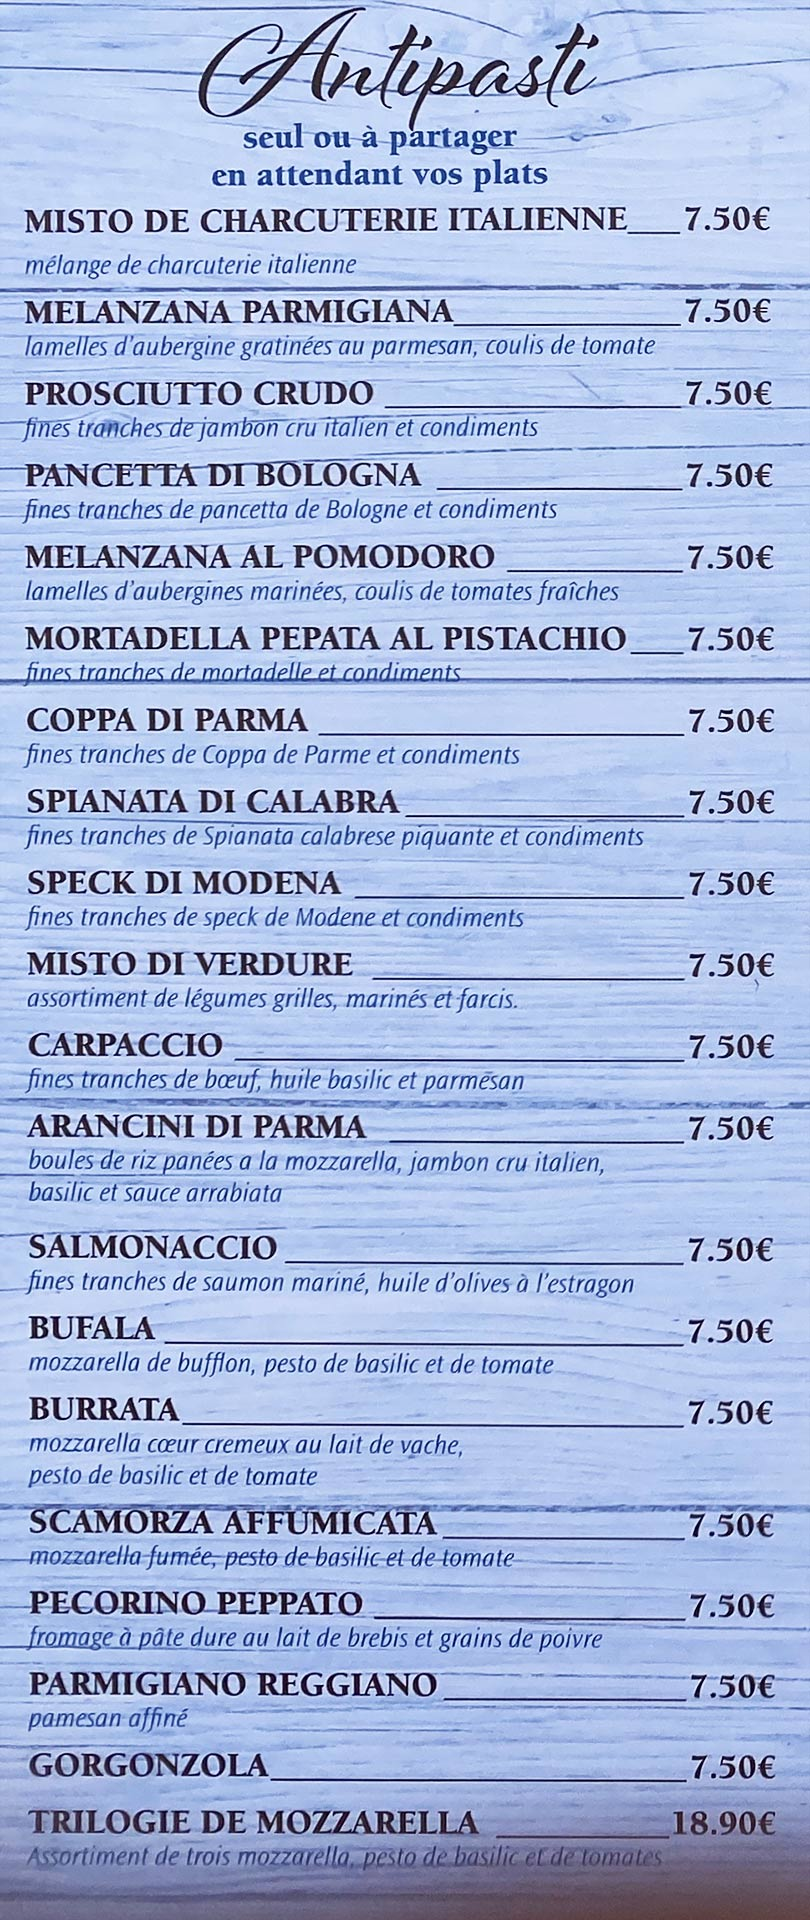 Azzurro | menu Antipasti